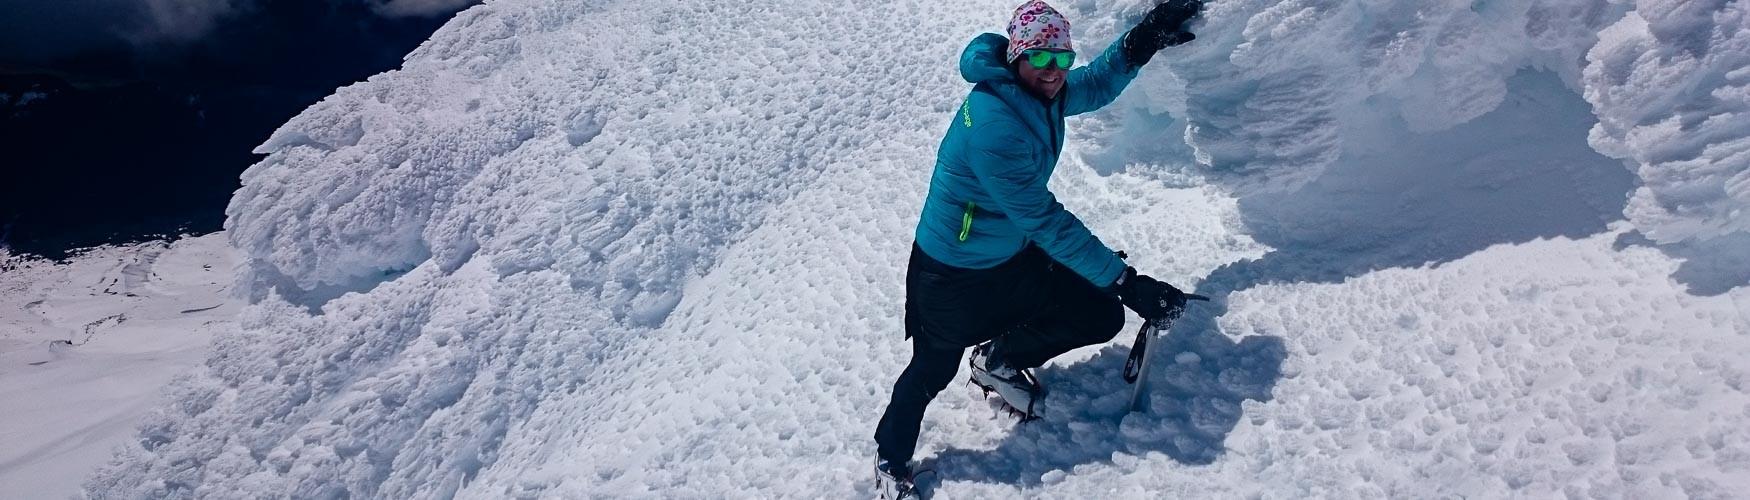 Chile Skireise Vulkane